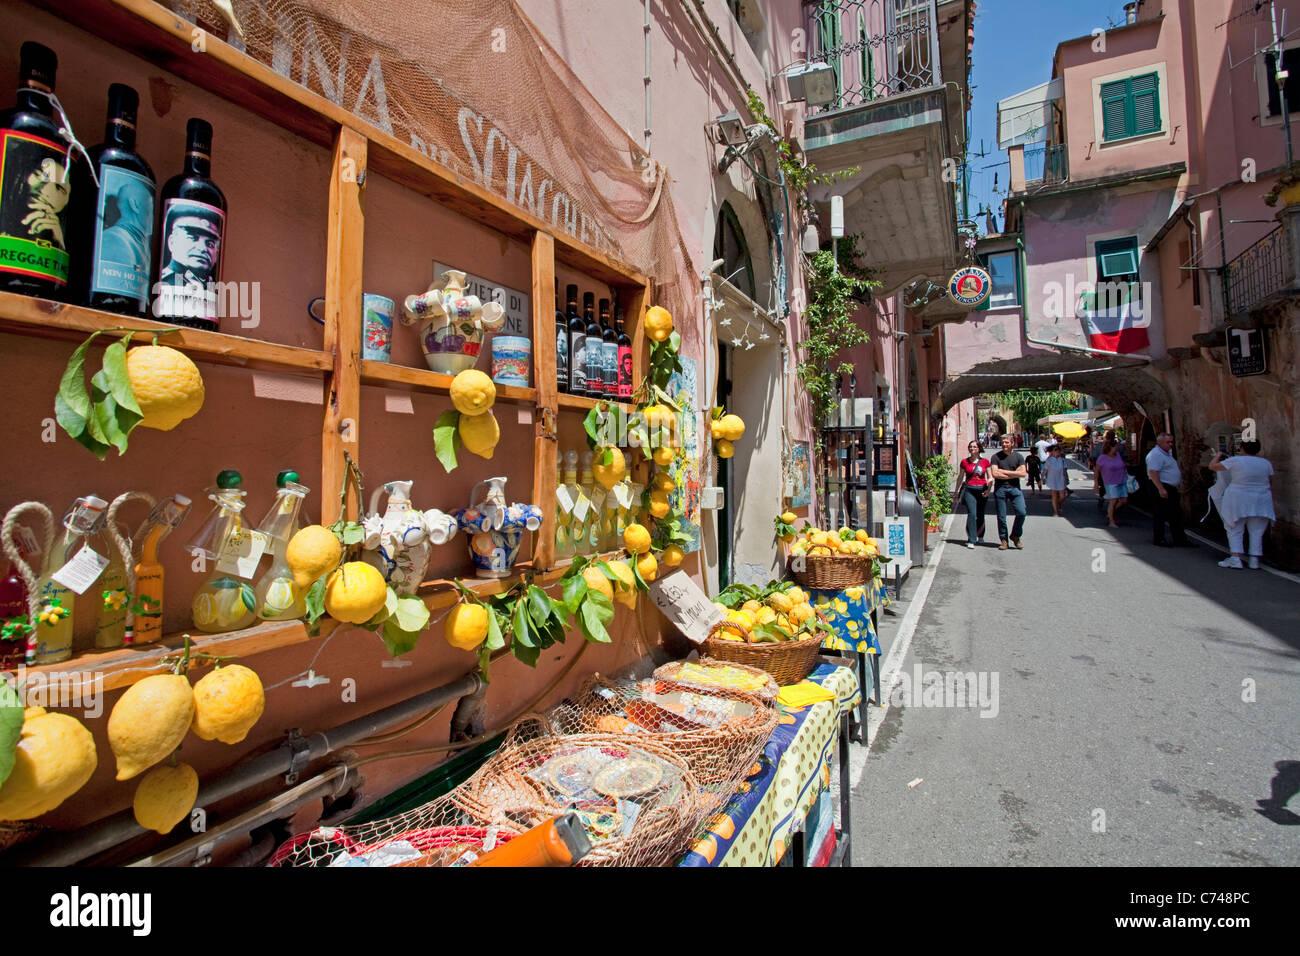 Lemon shop at old town of Monterosso al Mare, Cinque Terre, Unesco World Heritage site, Liguria di Levante, Italy, - Stock Image